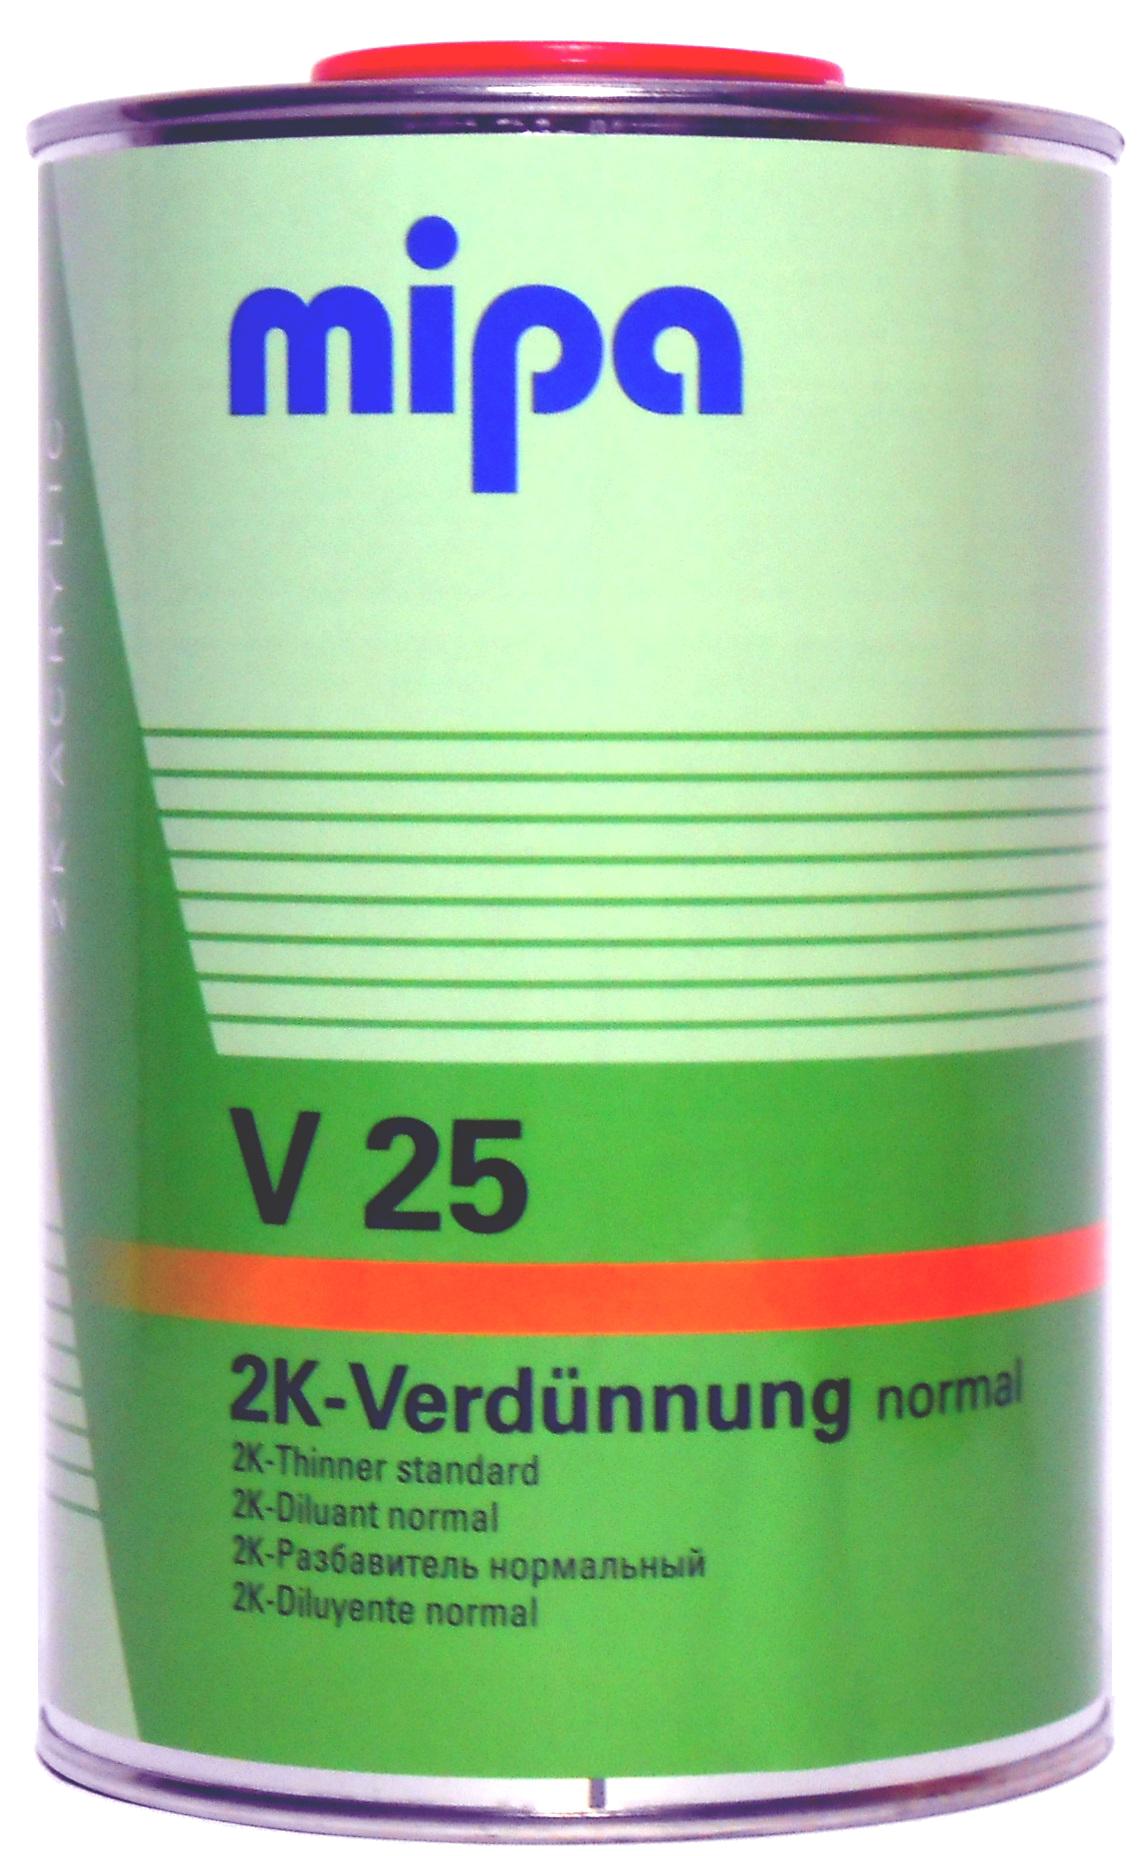 Mipa fortynder 2K normal - 1 L